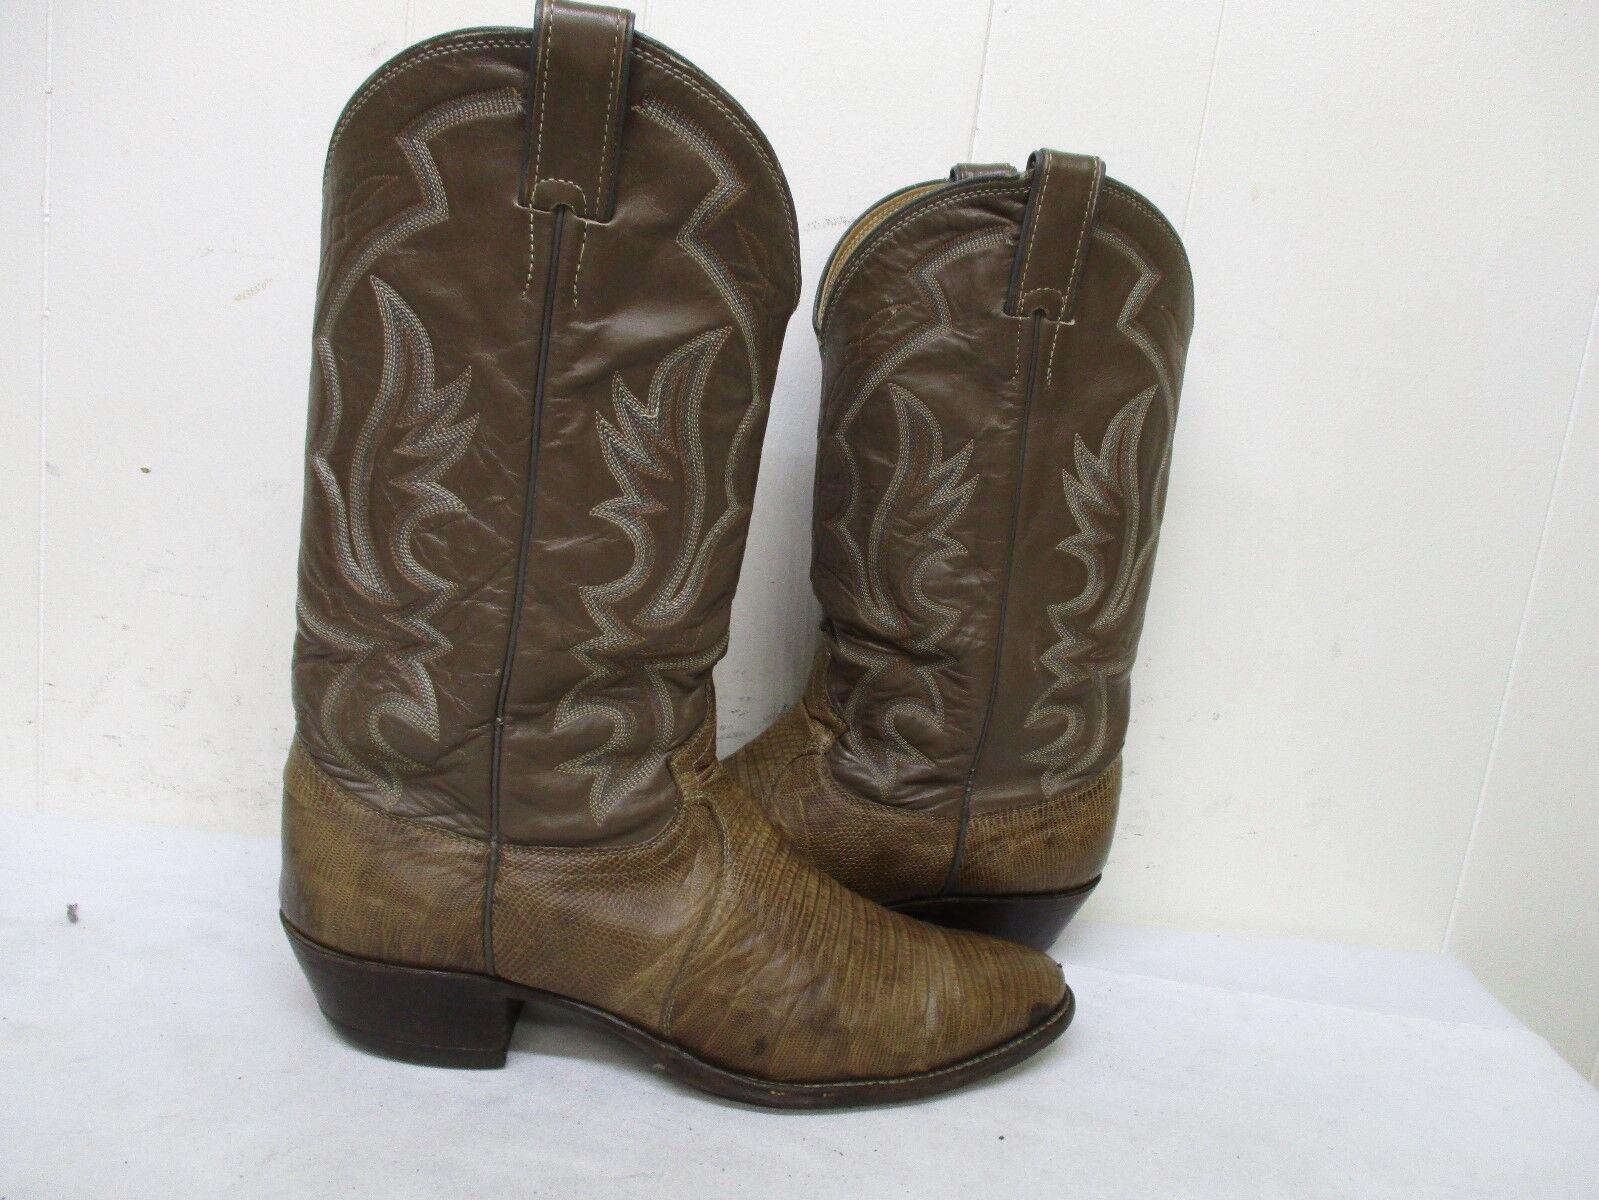 JUSTIN Taupe Lizard Leder Cowboy Stiefel  B  Herren Größe 11 B  Style 8493 USA 780591